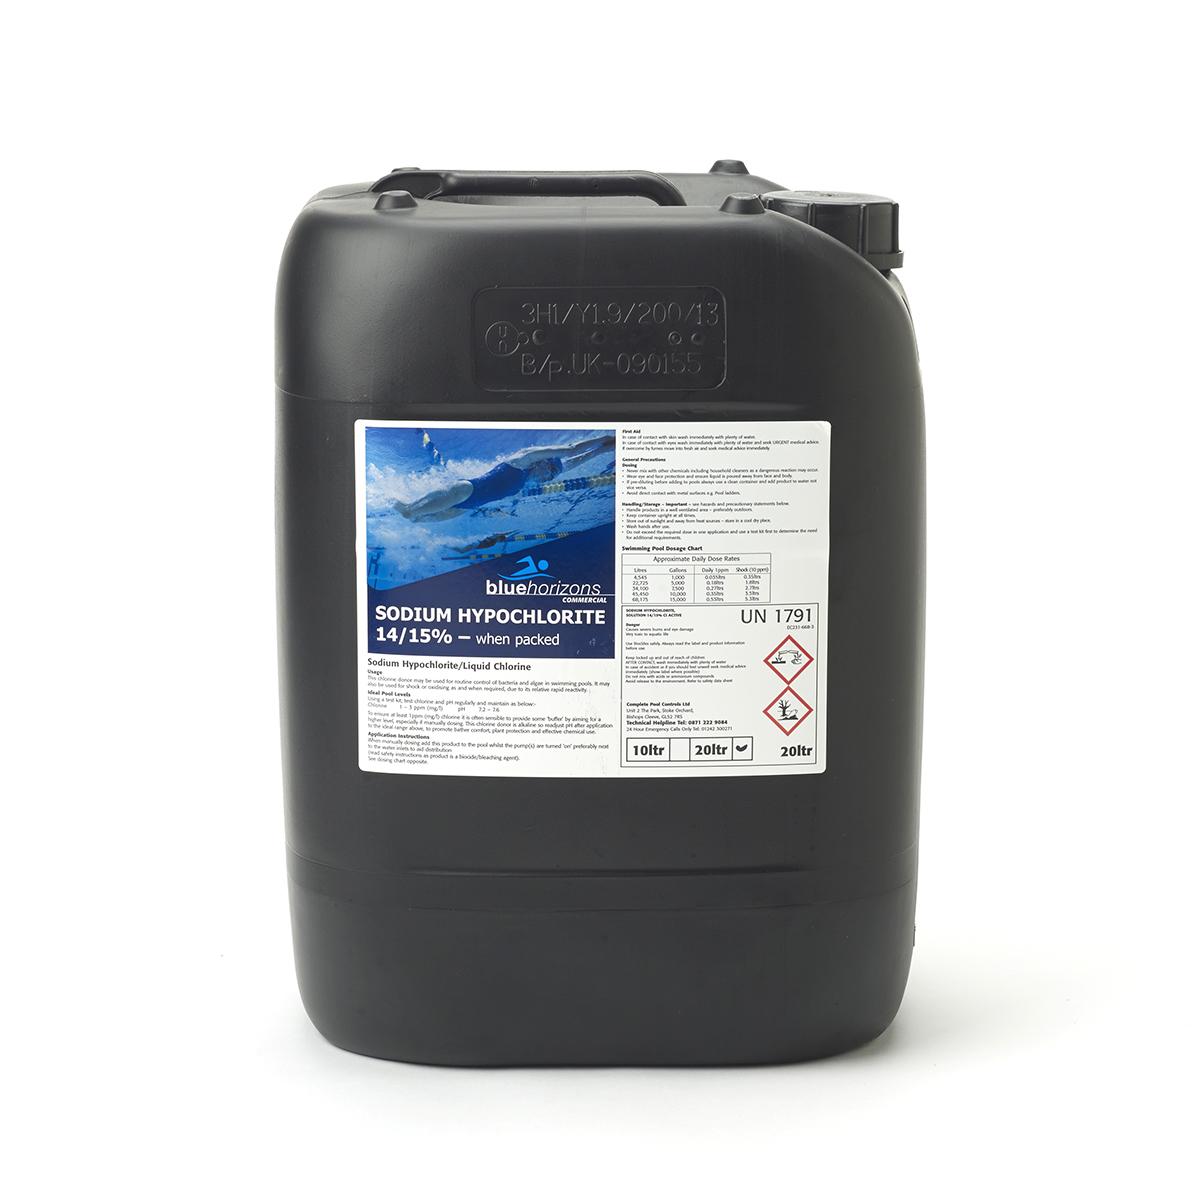 Sodium Hypochlorite 14 15 Liquid Chlorine 10ltr